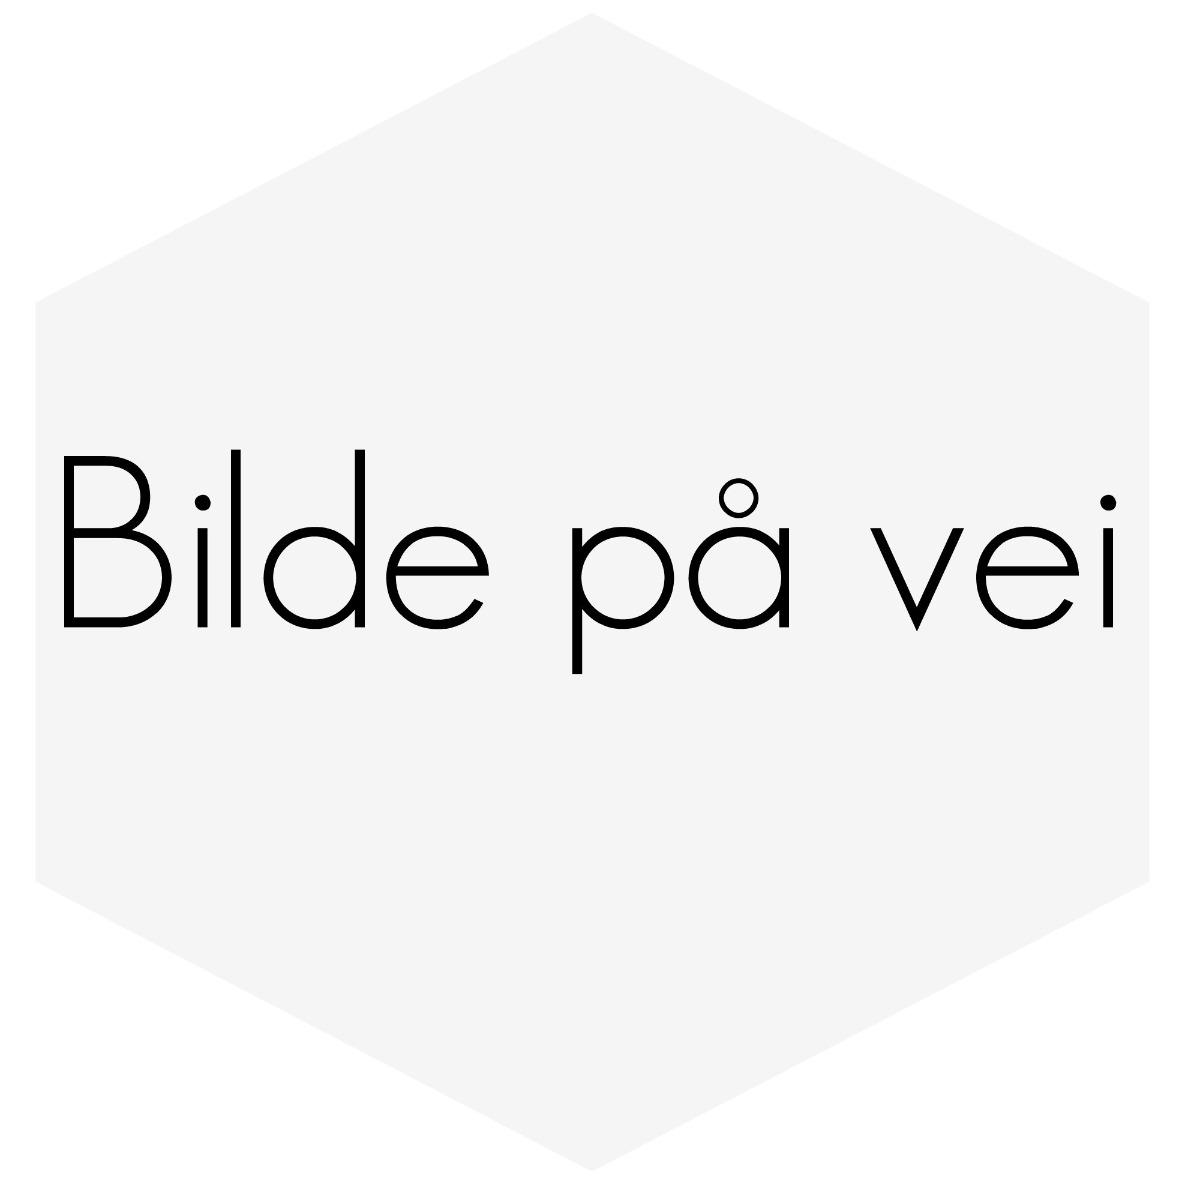 STØTDEMPER RALLY BILSTEIN 240/260 FORAN pris stk